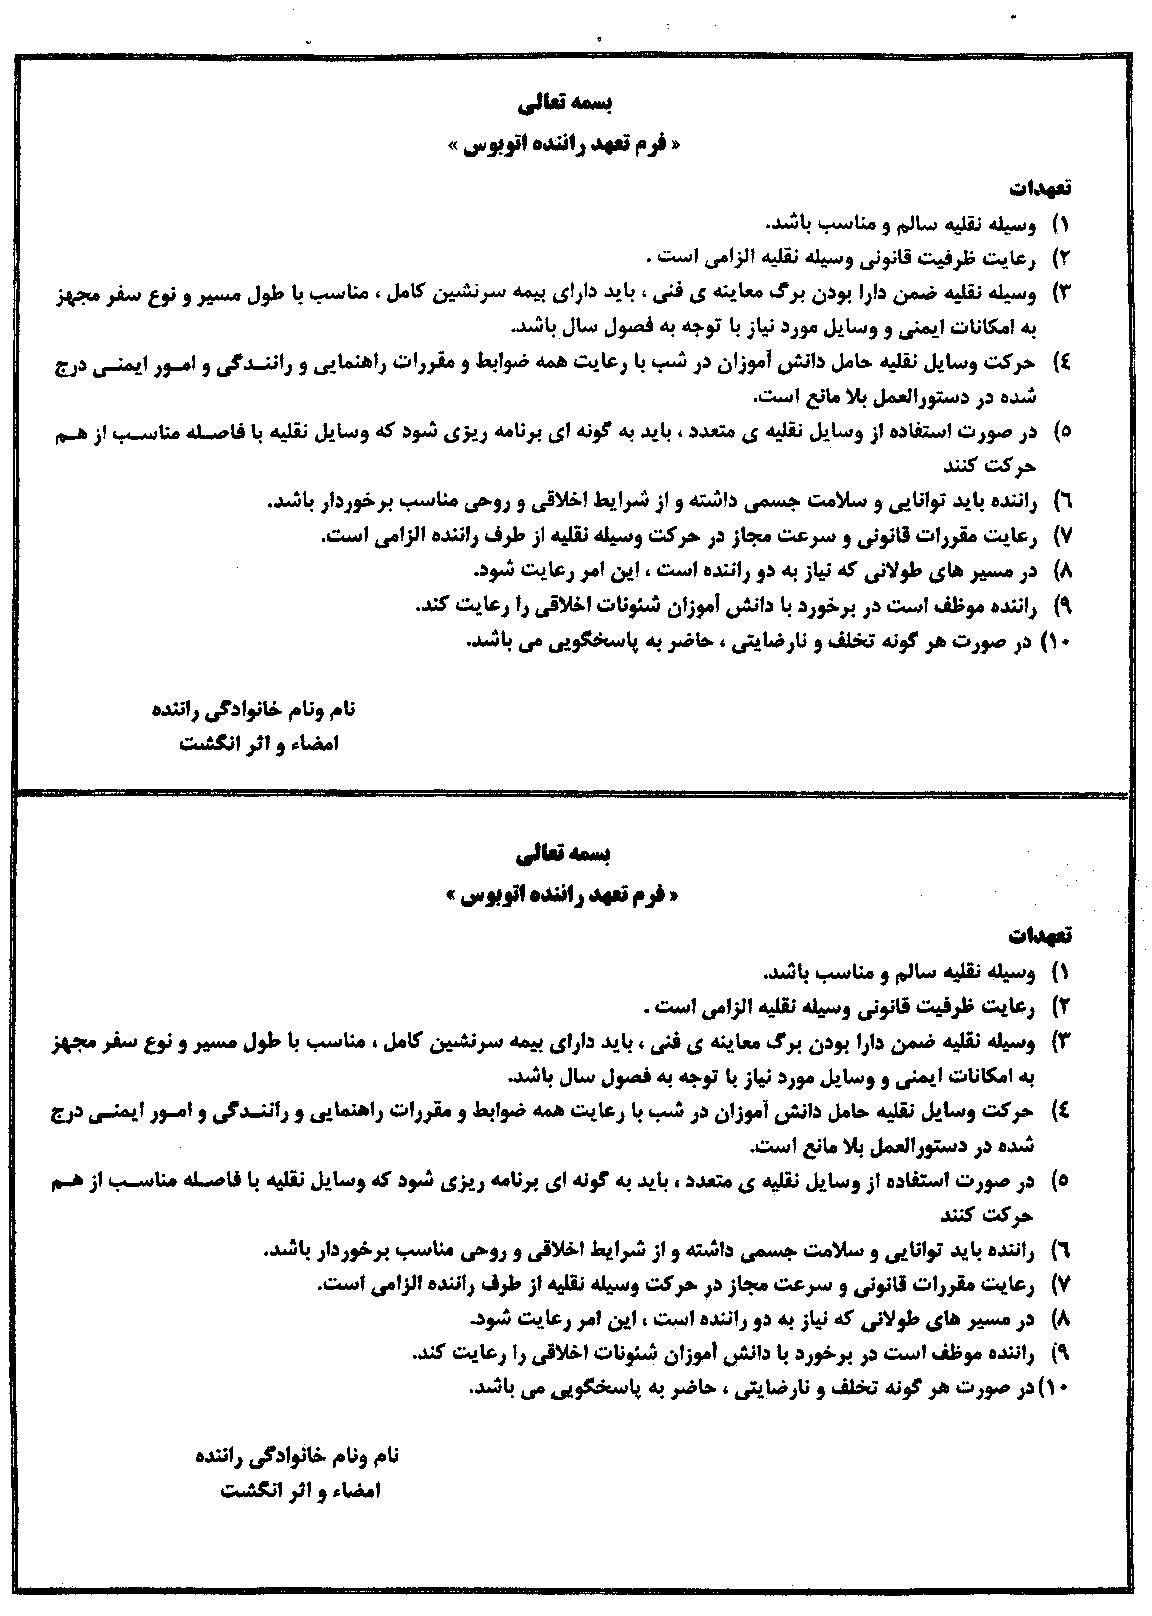 صدور کارت ملی کشتی رضایتنامه اردو دانش آموزی | خبر خوان فارسی